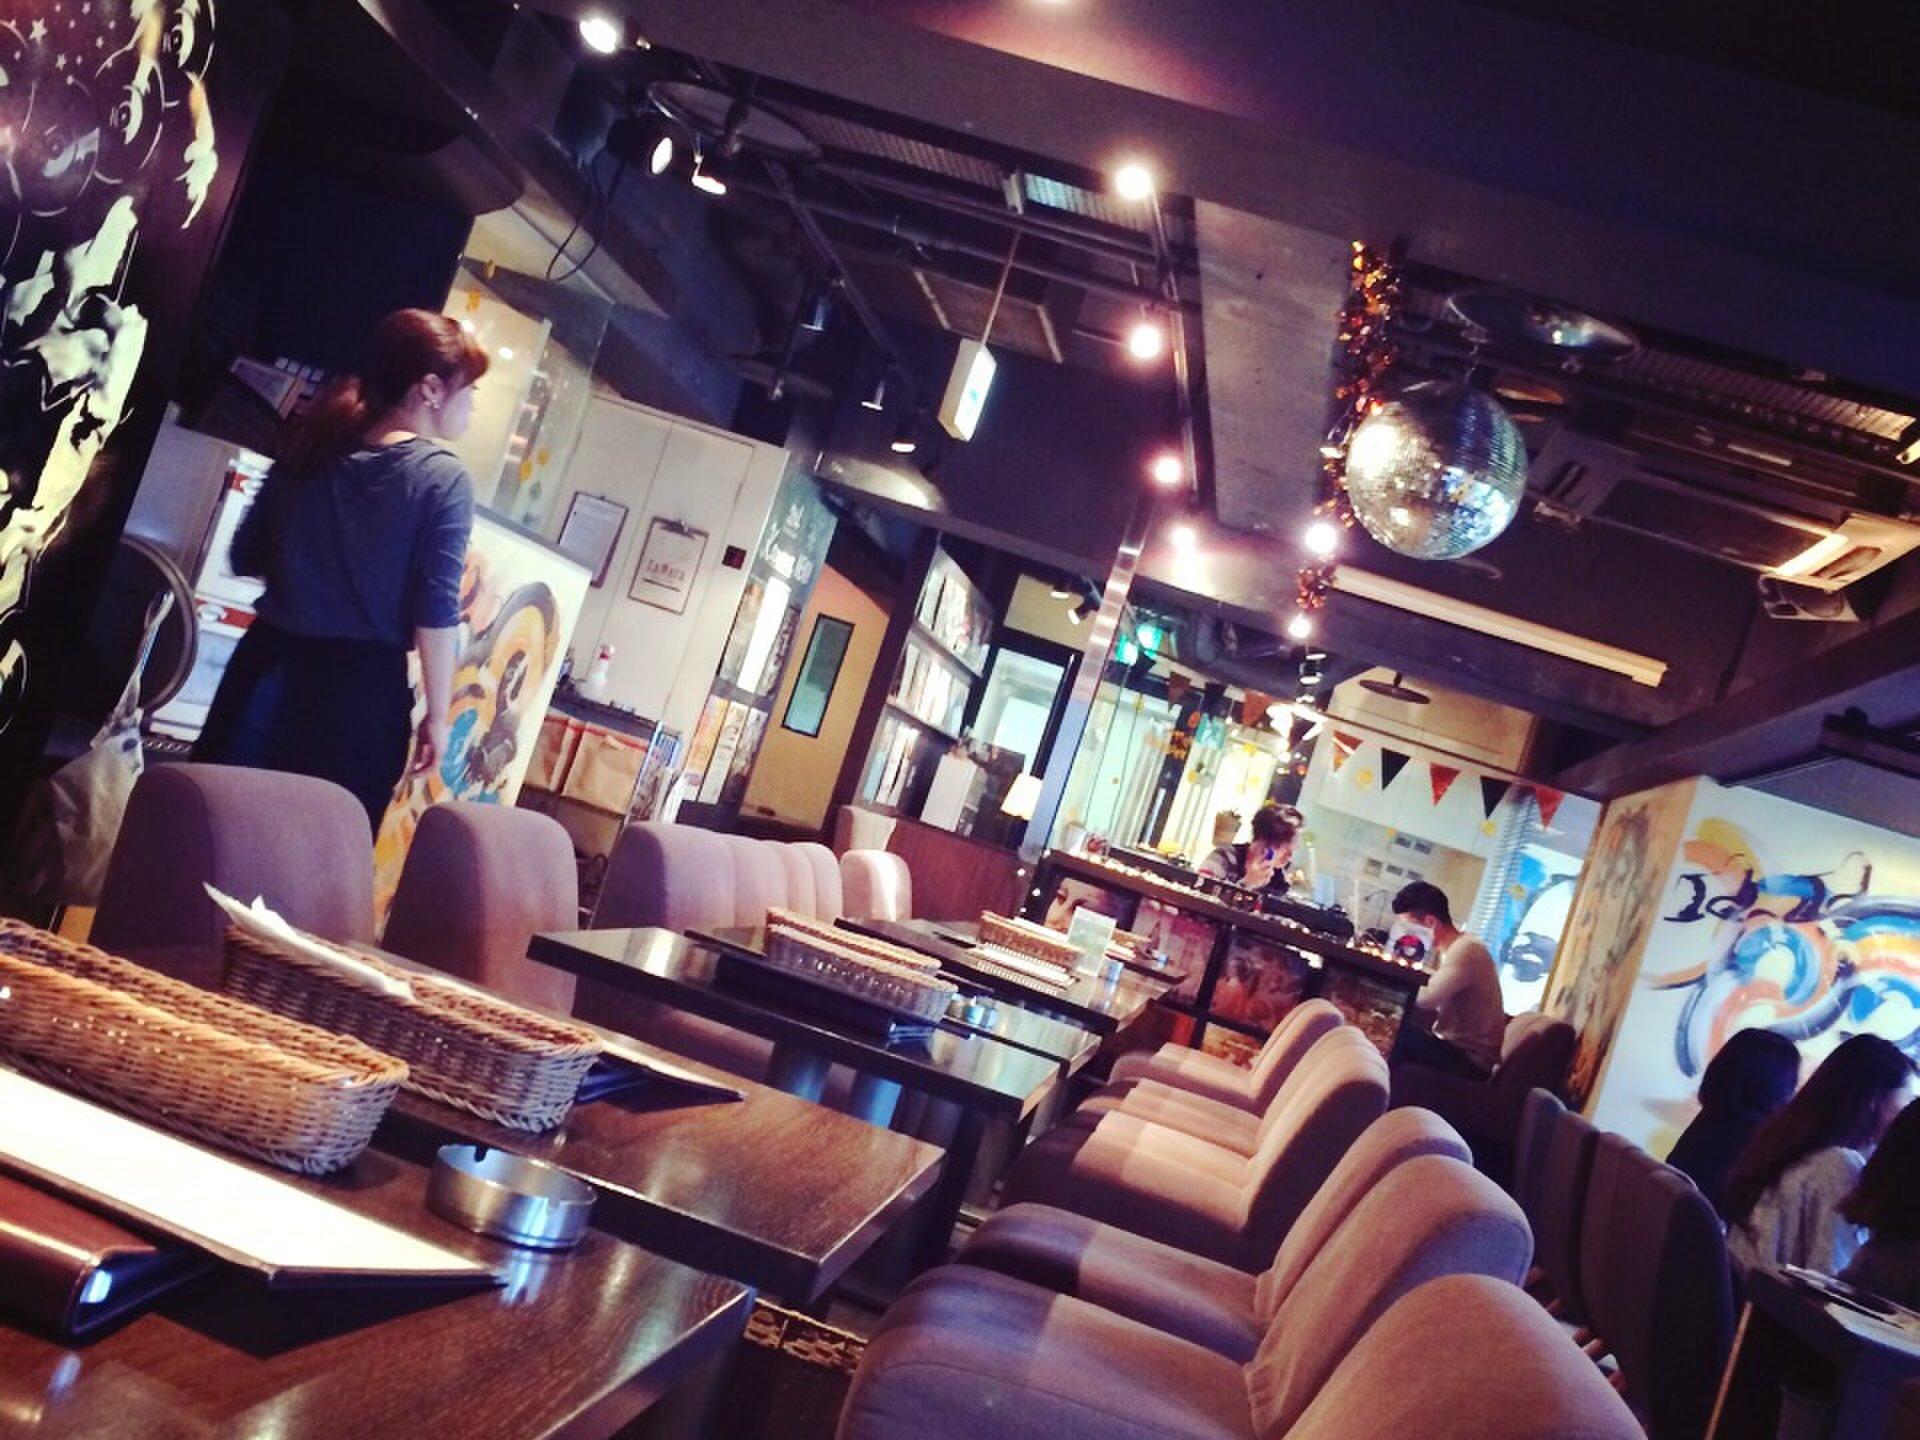 【渋谷おすすめカフェ】ミラーボールにDJブースのある店内で女子会!カップルシートでデートの休憩にも!